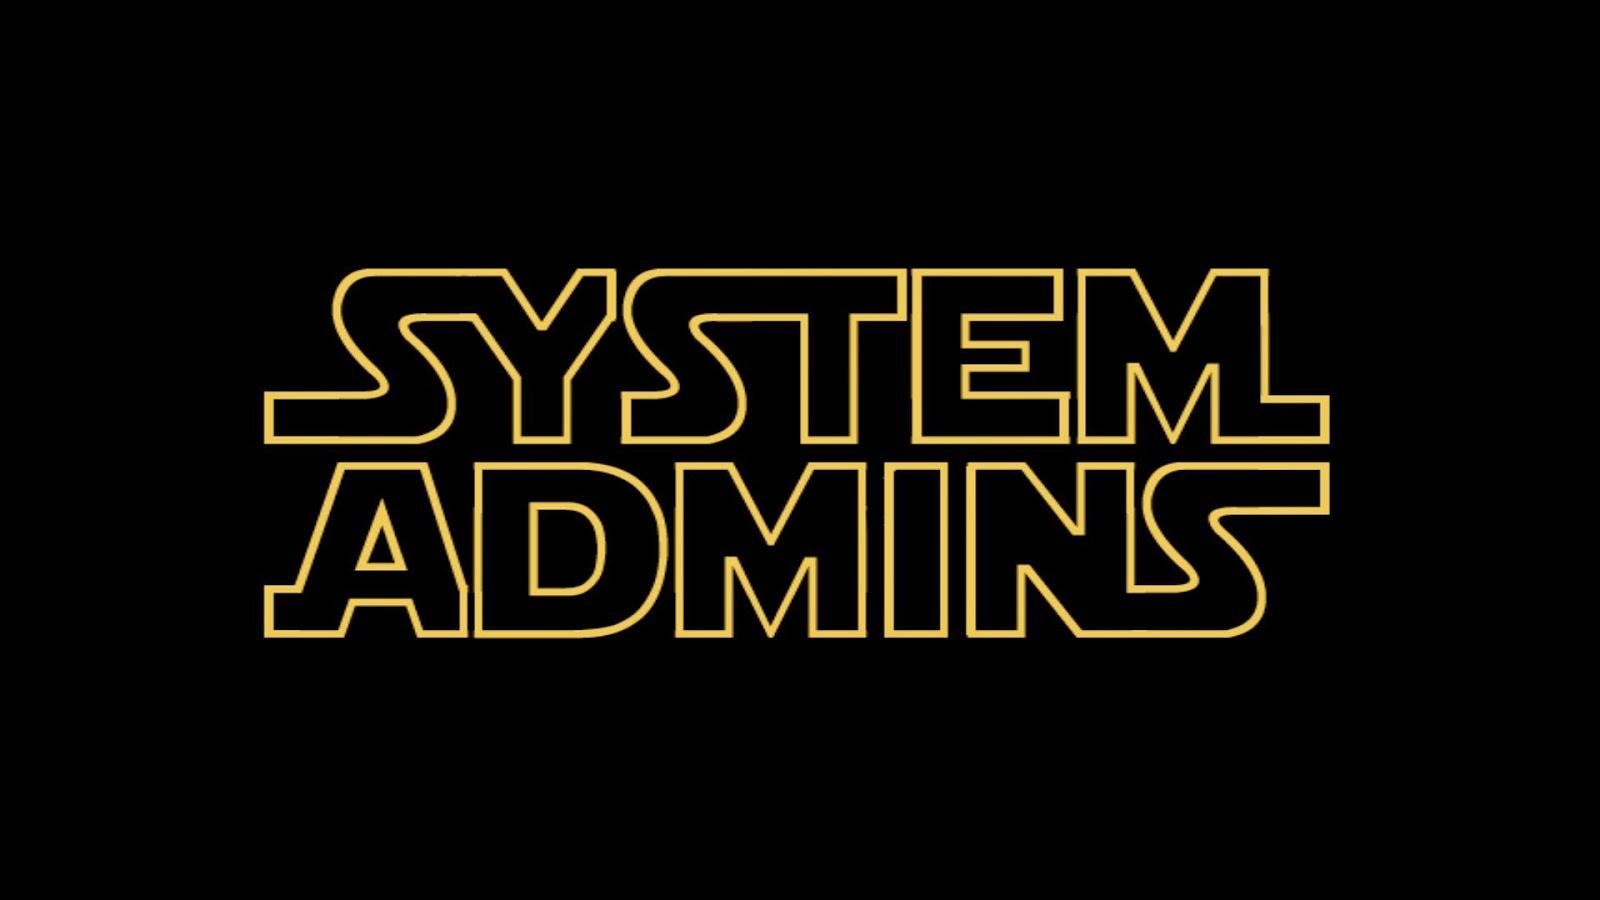 من هو مدير النظام(system admin)